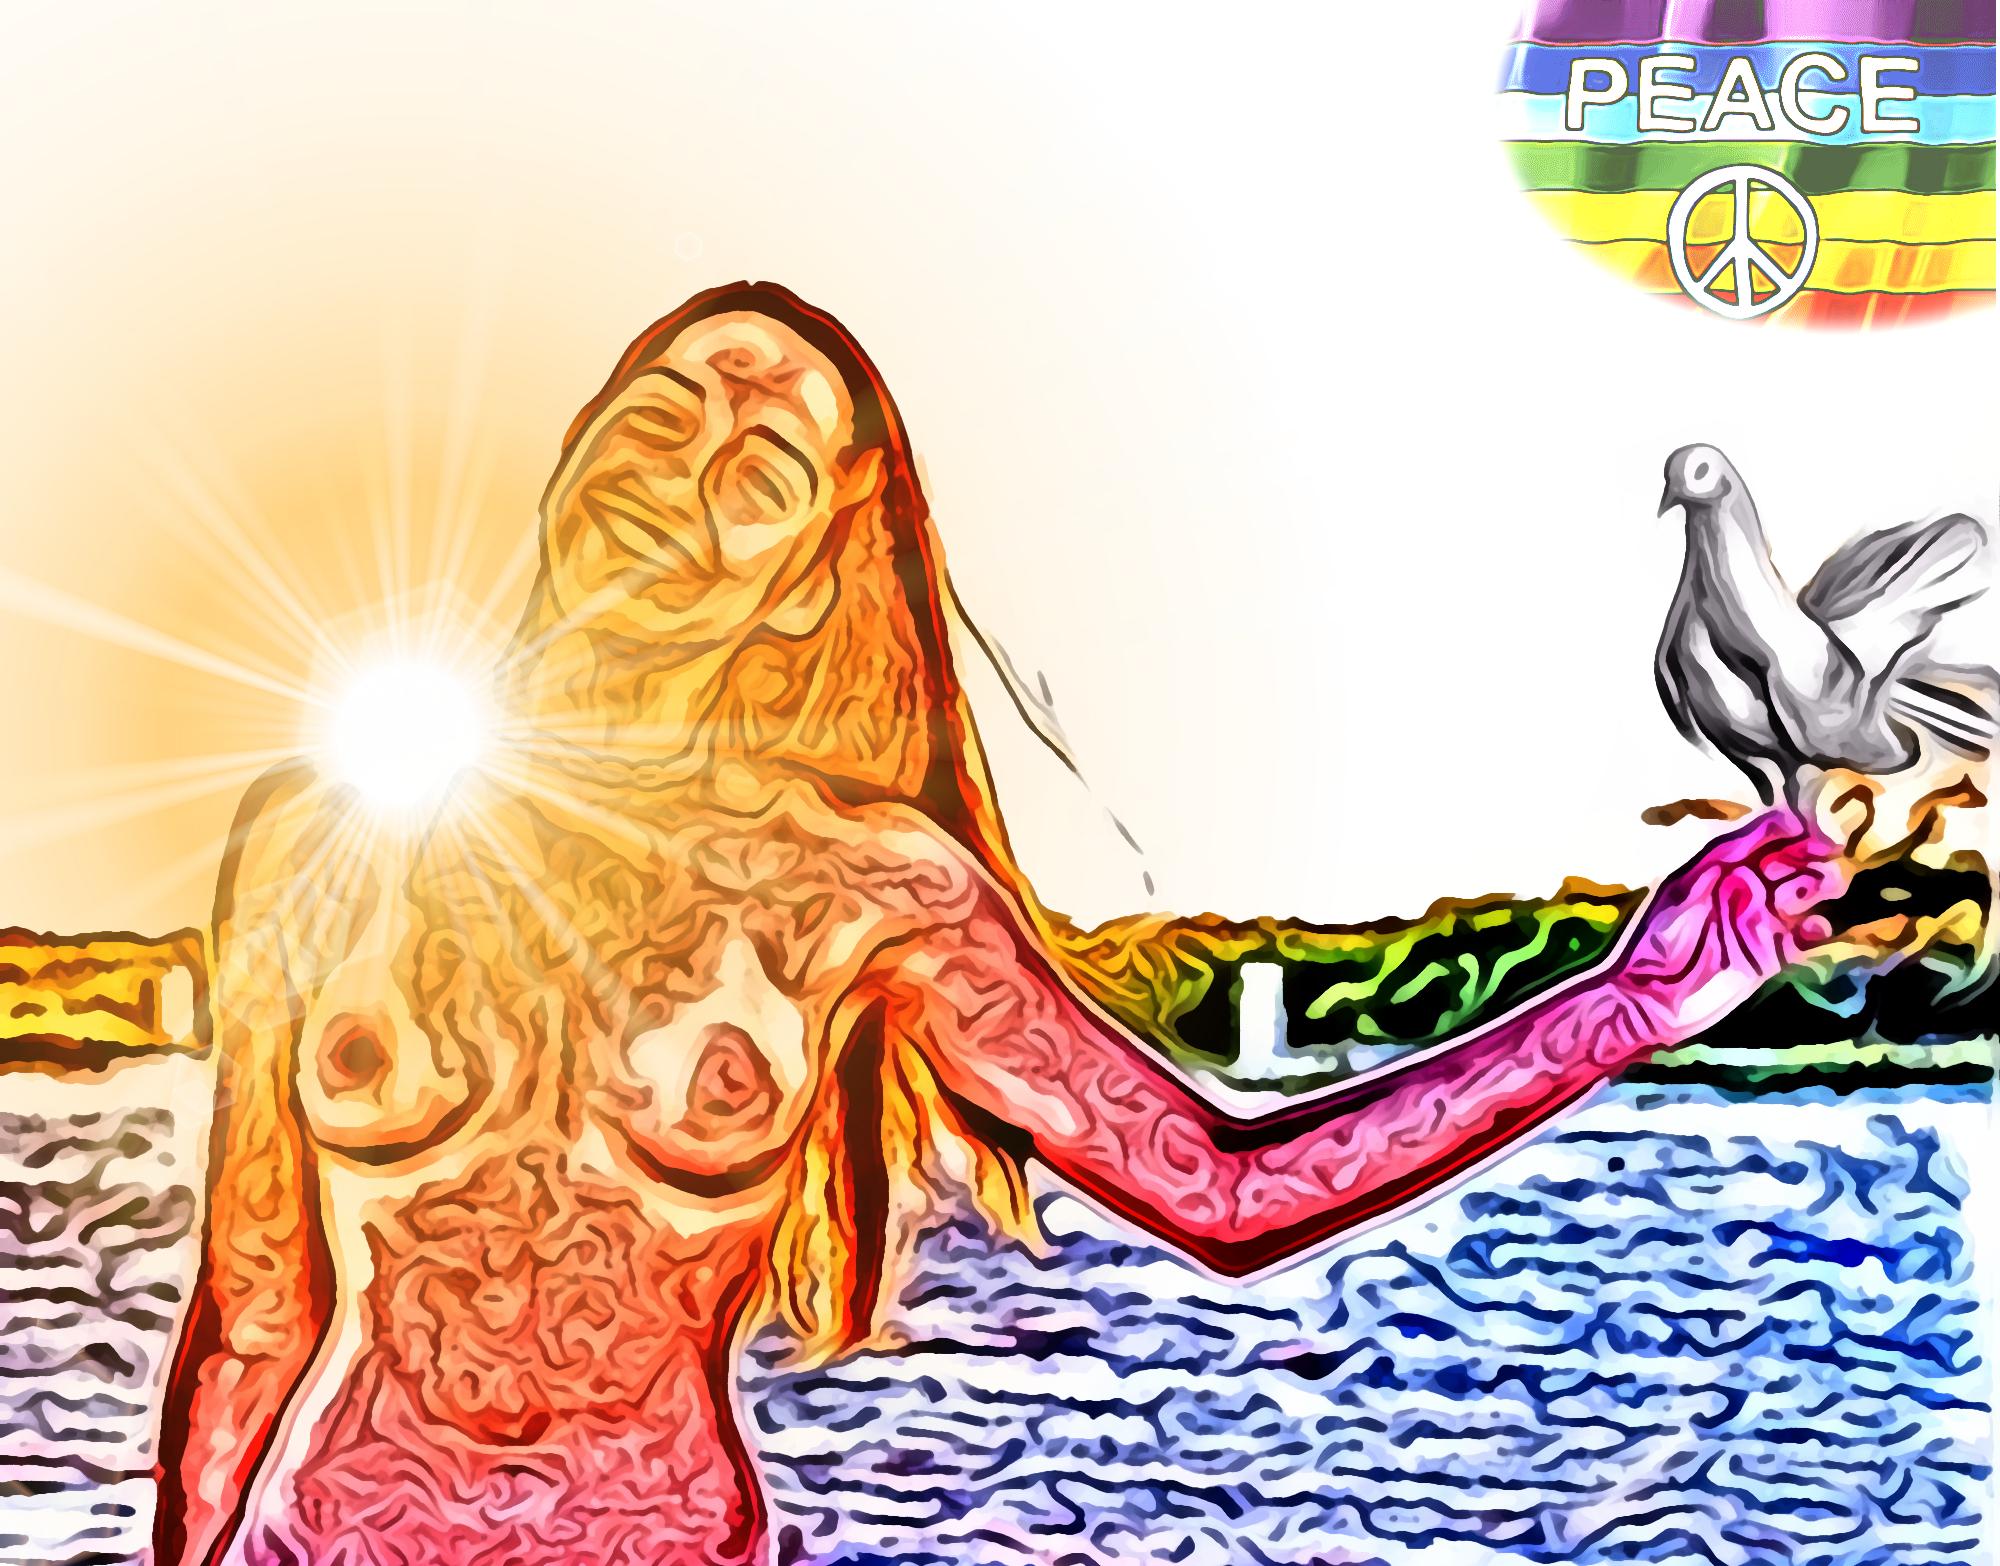 Pace, solidarietà, disarmo - pittura digitale di Francesco Galgani, 17 novembre 2020